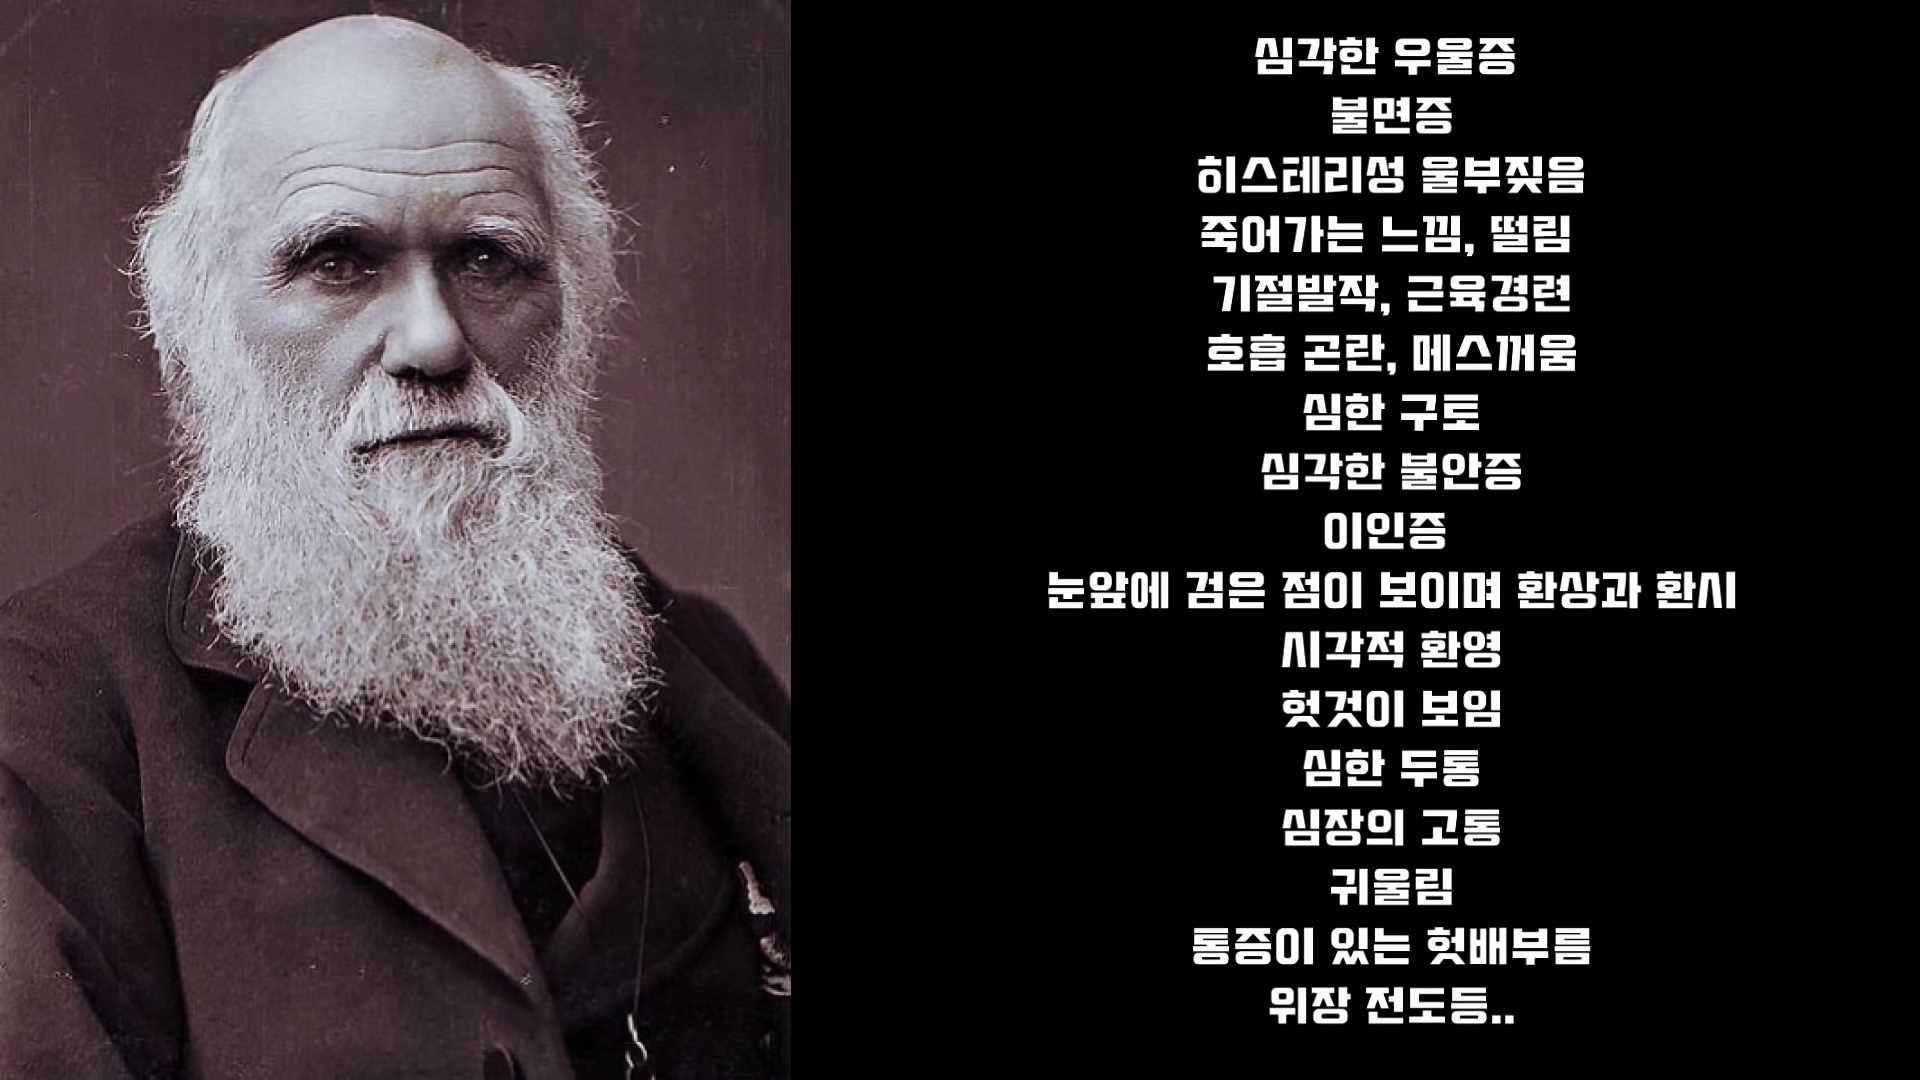 찰스 다윈의 인생과 그의 정신병.mp4_000397680.jpg